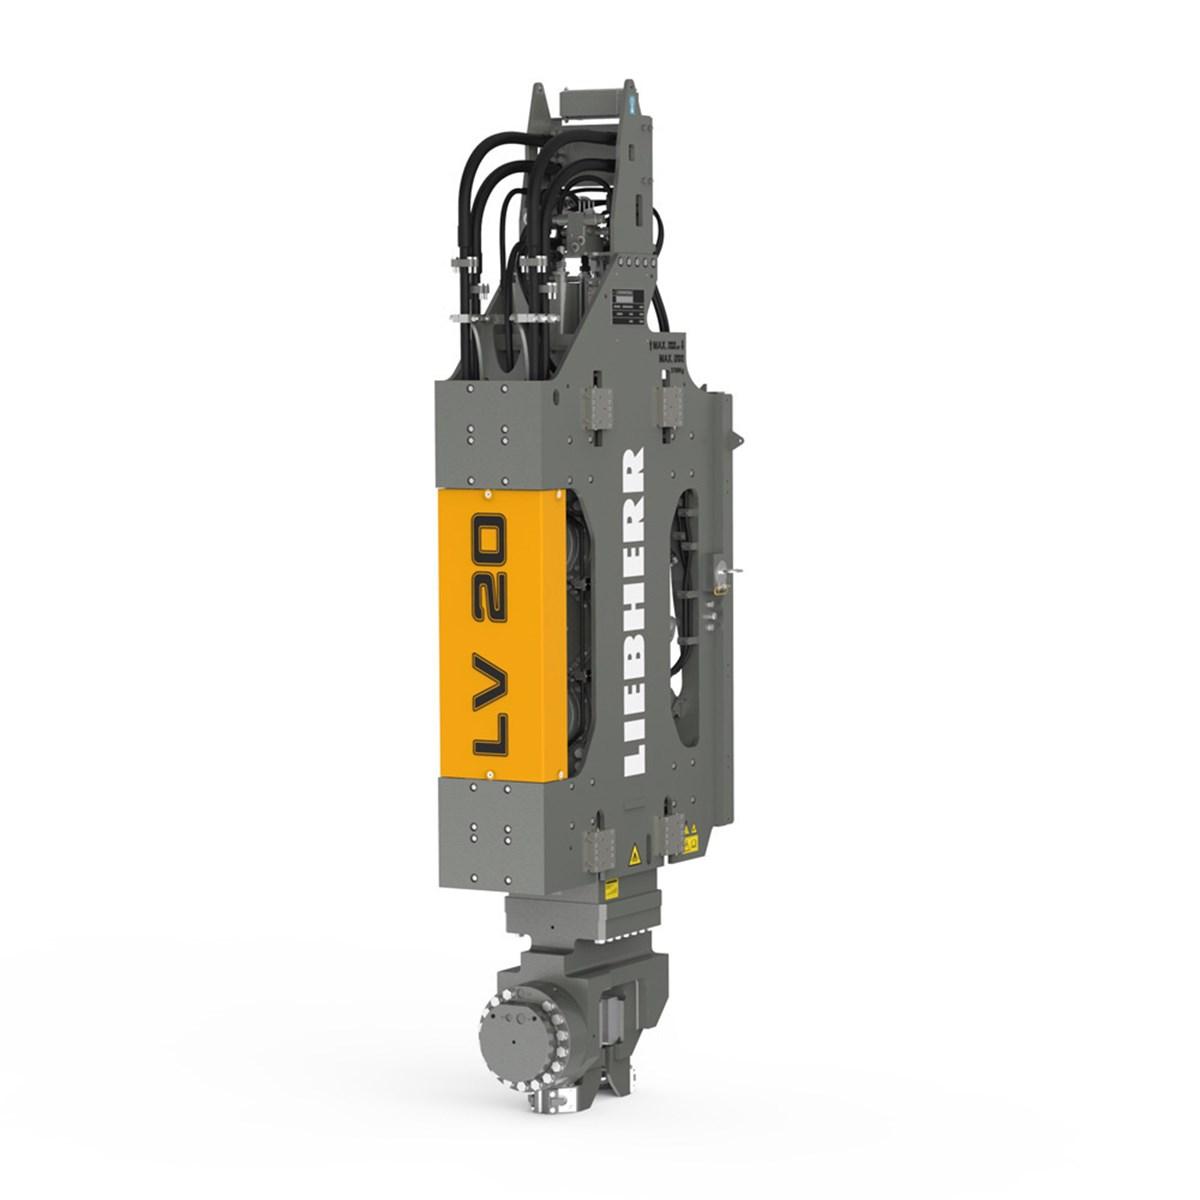 liebherr-lv-20-vibrator-slim-design-hockantruttler-piling.jpg